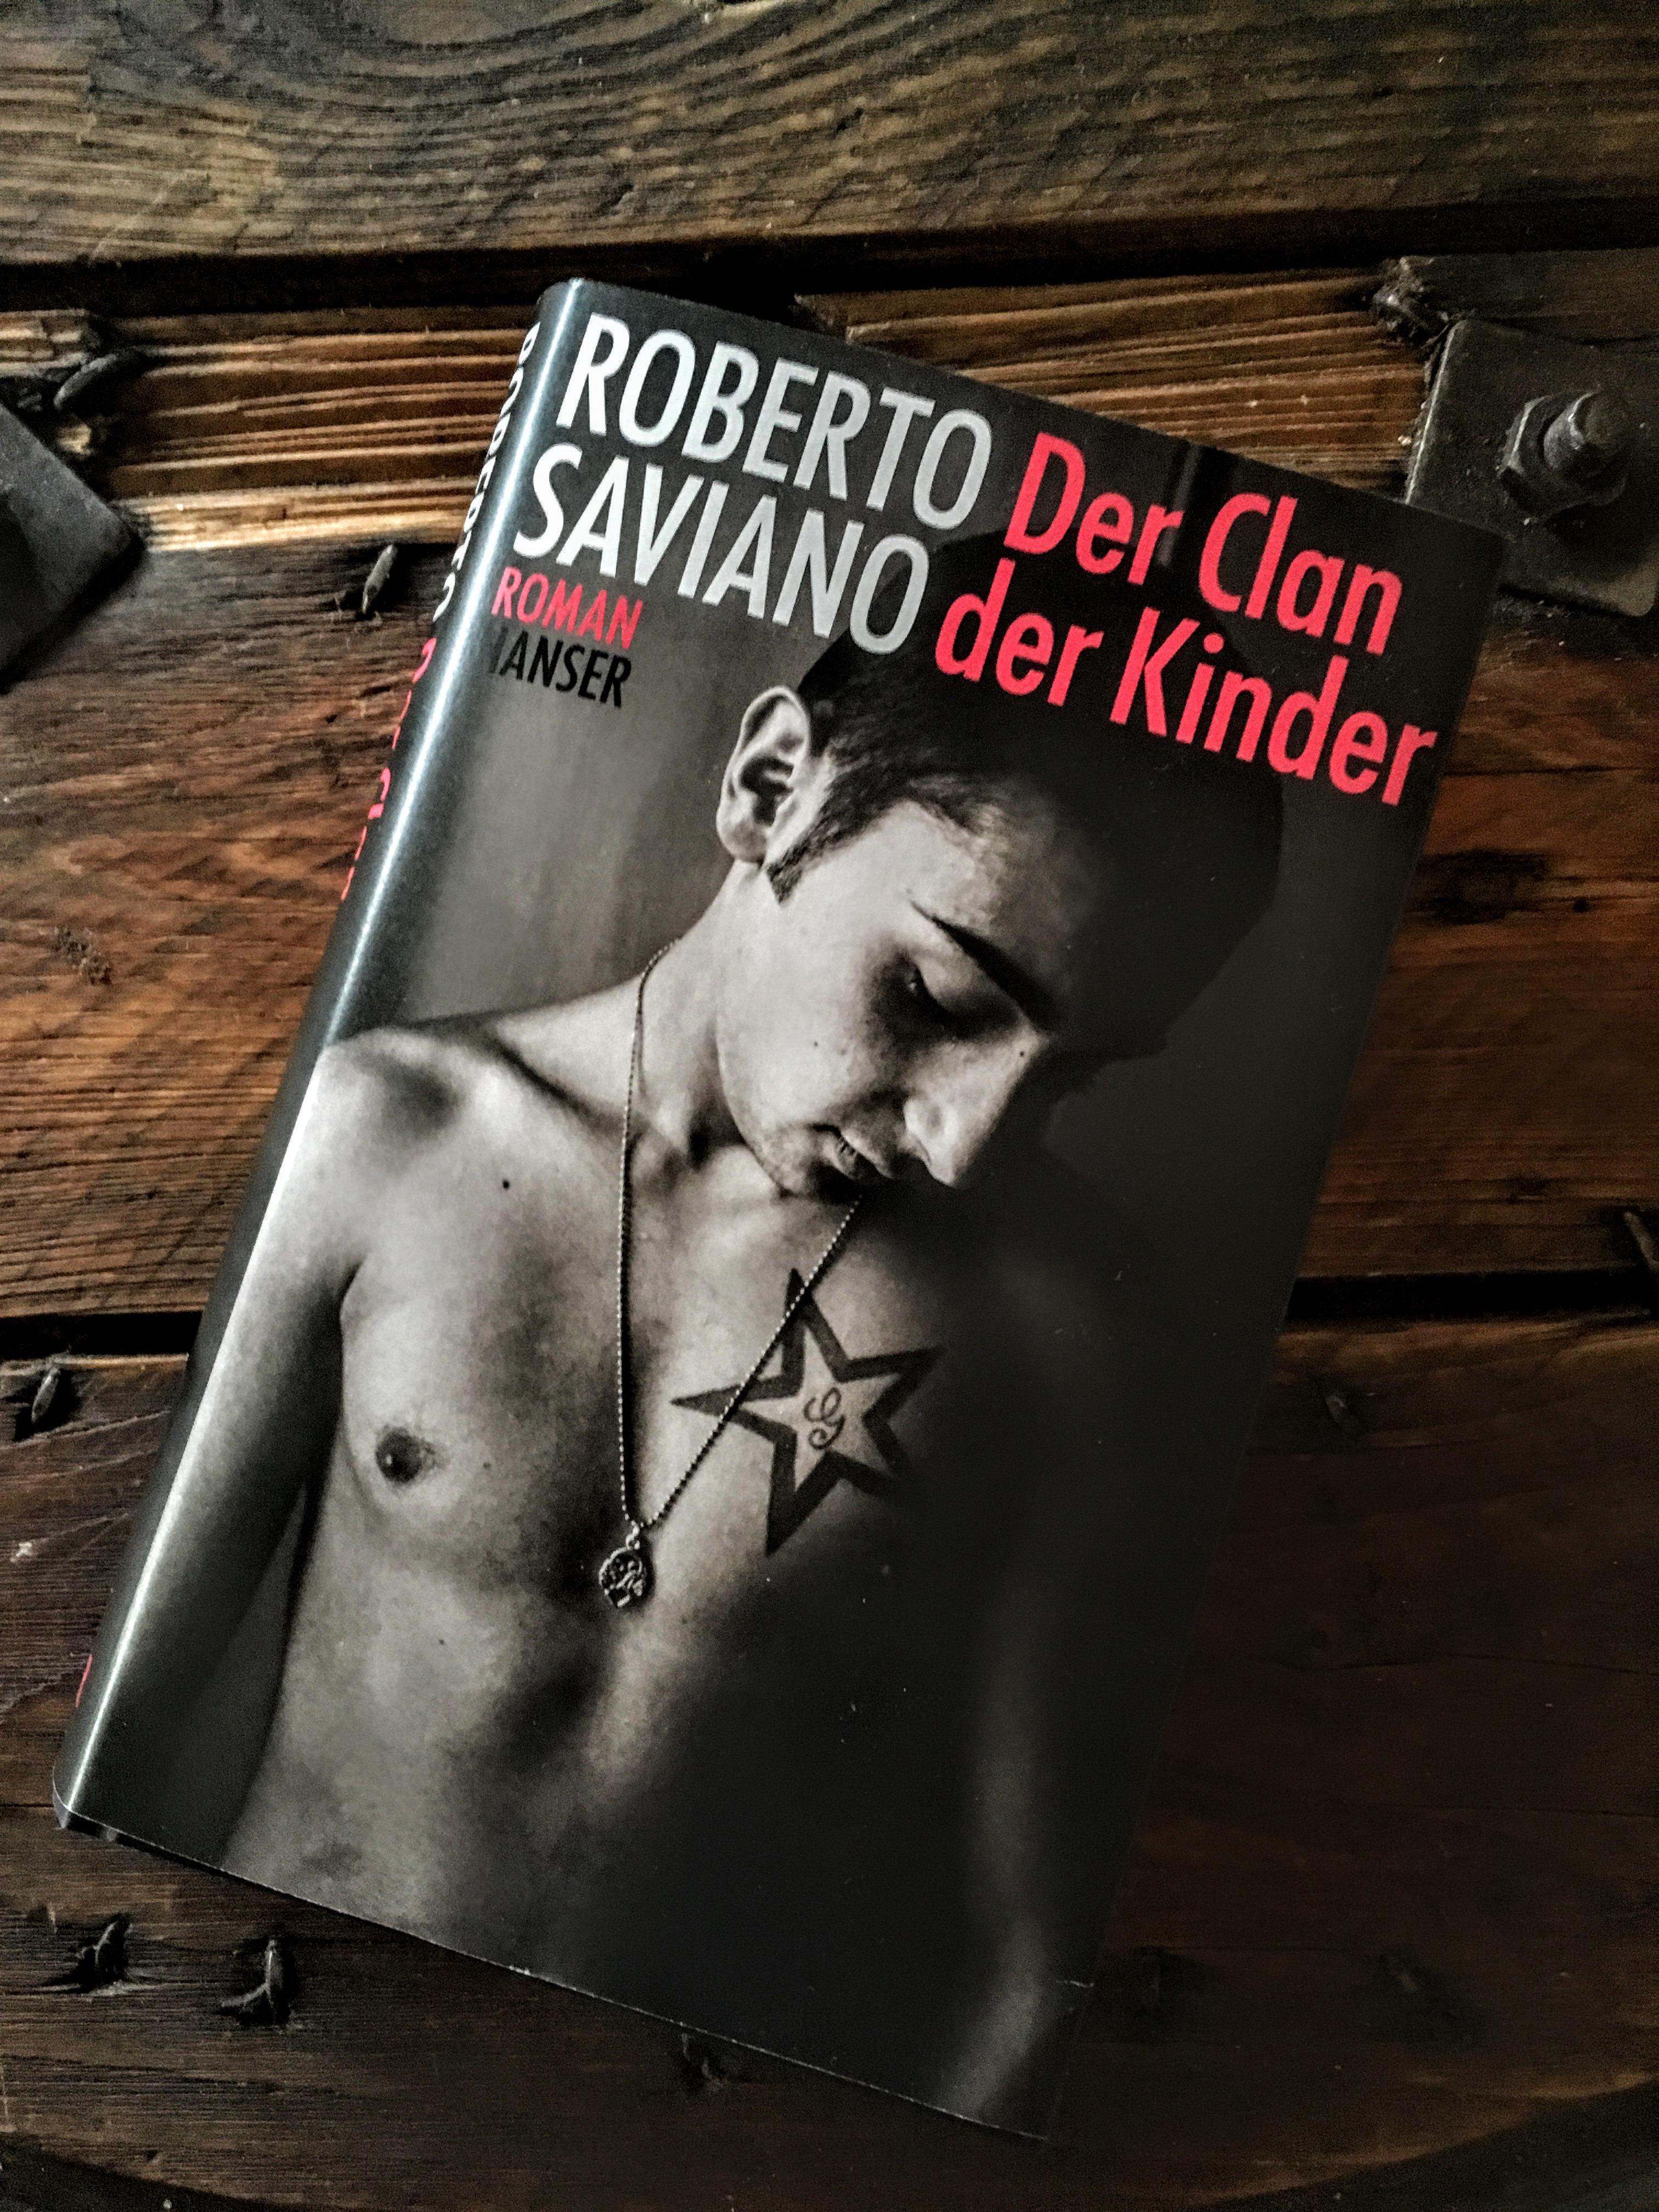 Roberto Saviano - Der Clan der Kinder